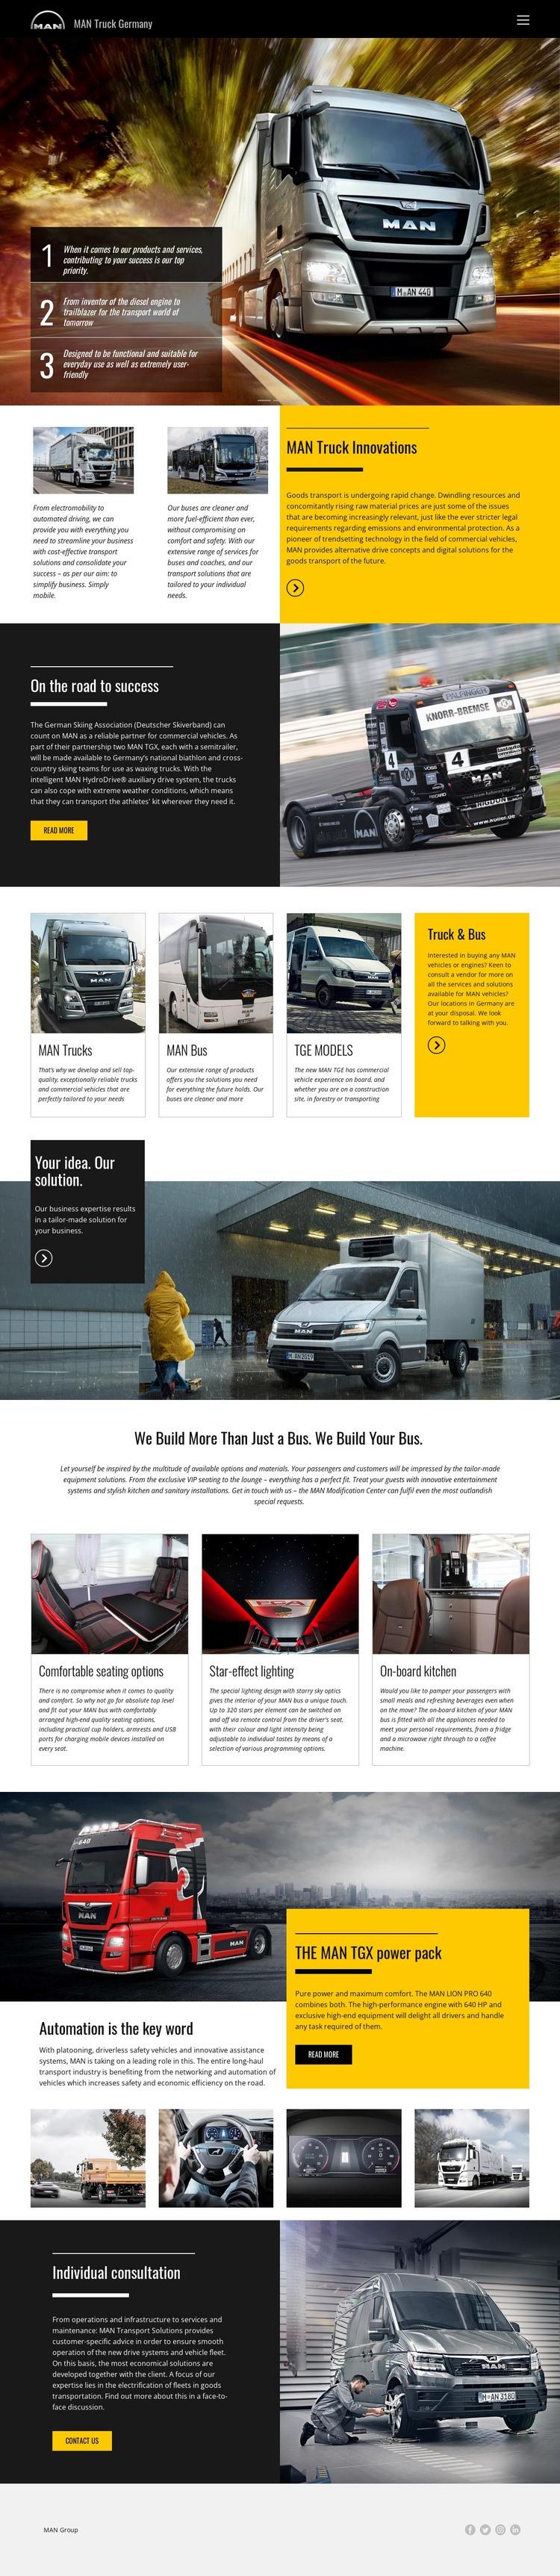 Man trucks for transportation Wysiwyg Editor Html